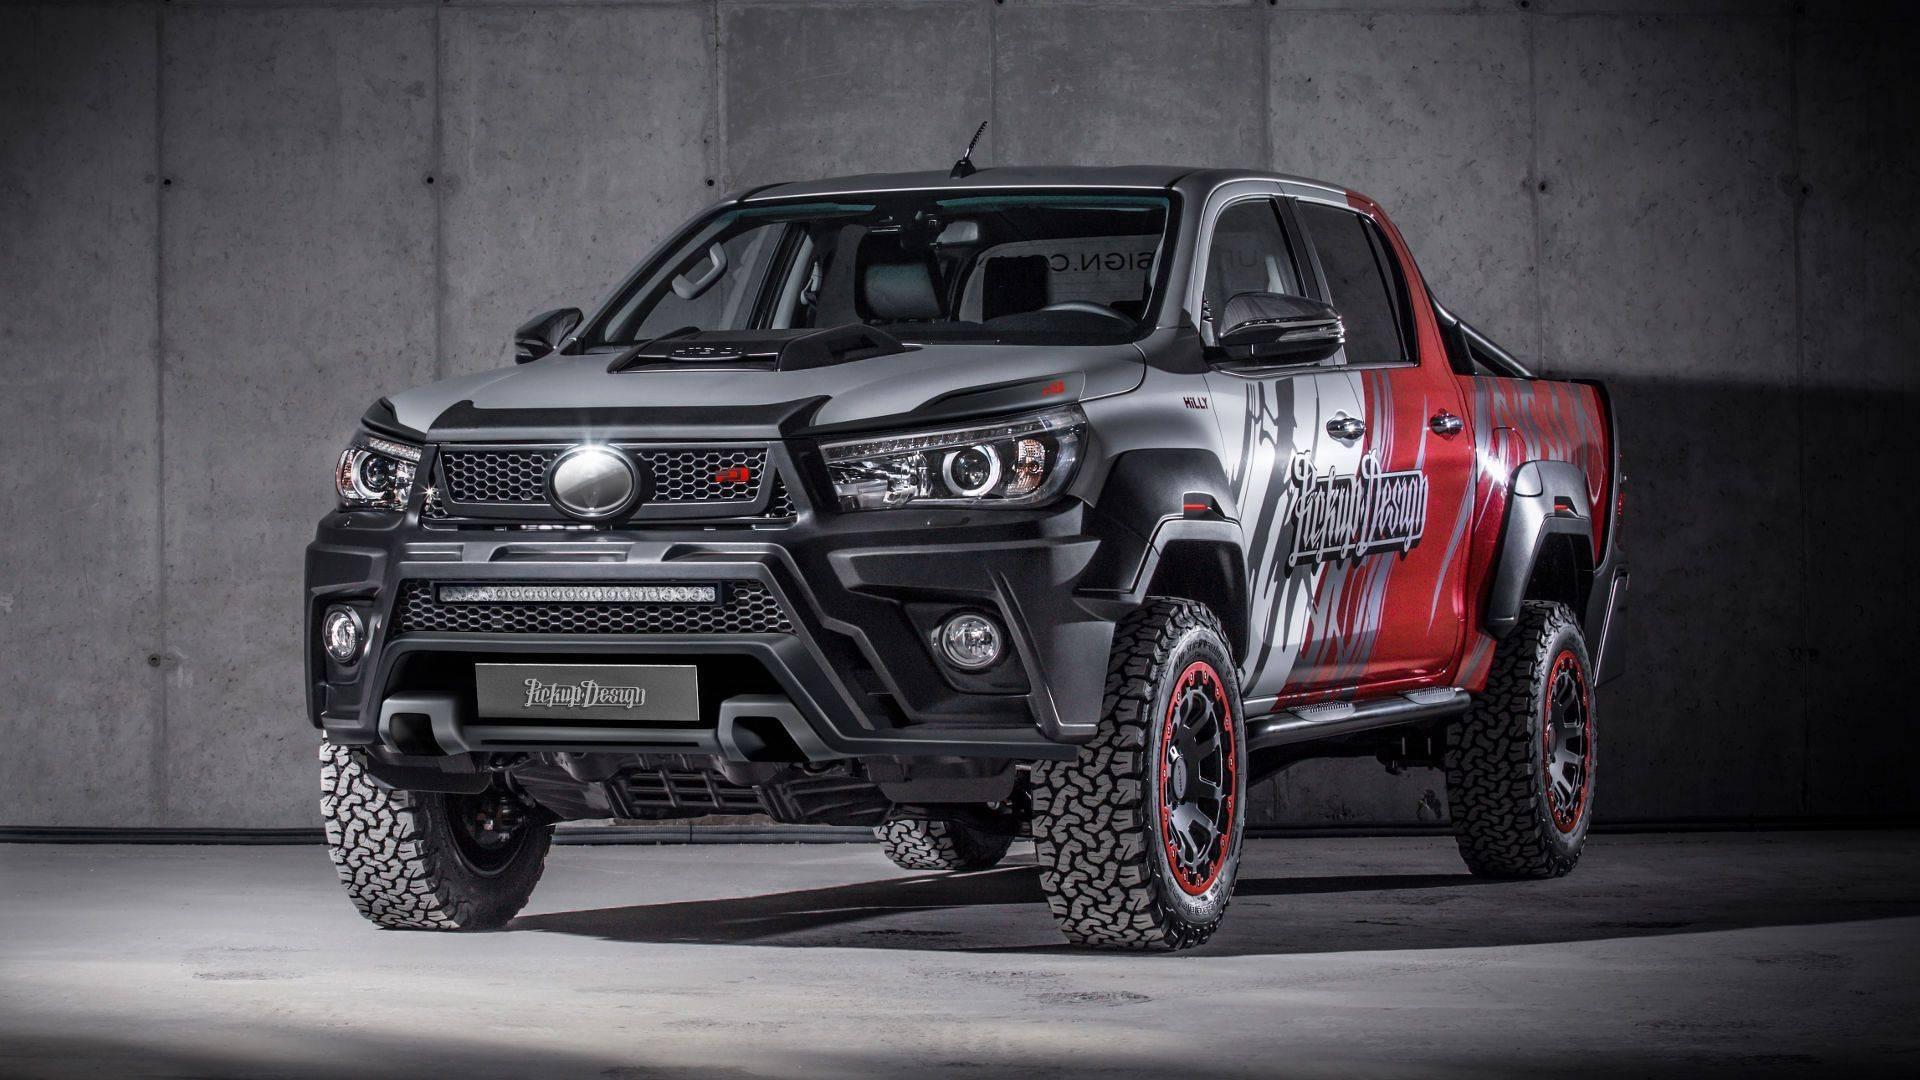 Toyota Hilux Kini Jadi Pickup Mewah Berkat Sentuhan Carlex Design